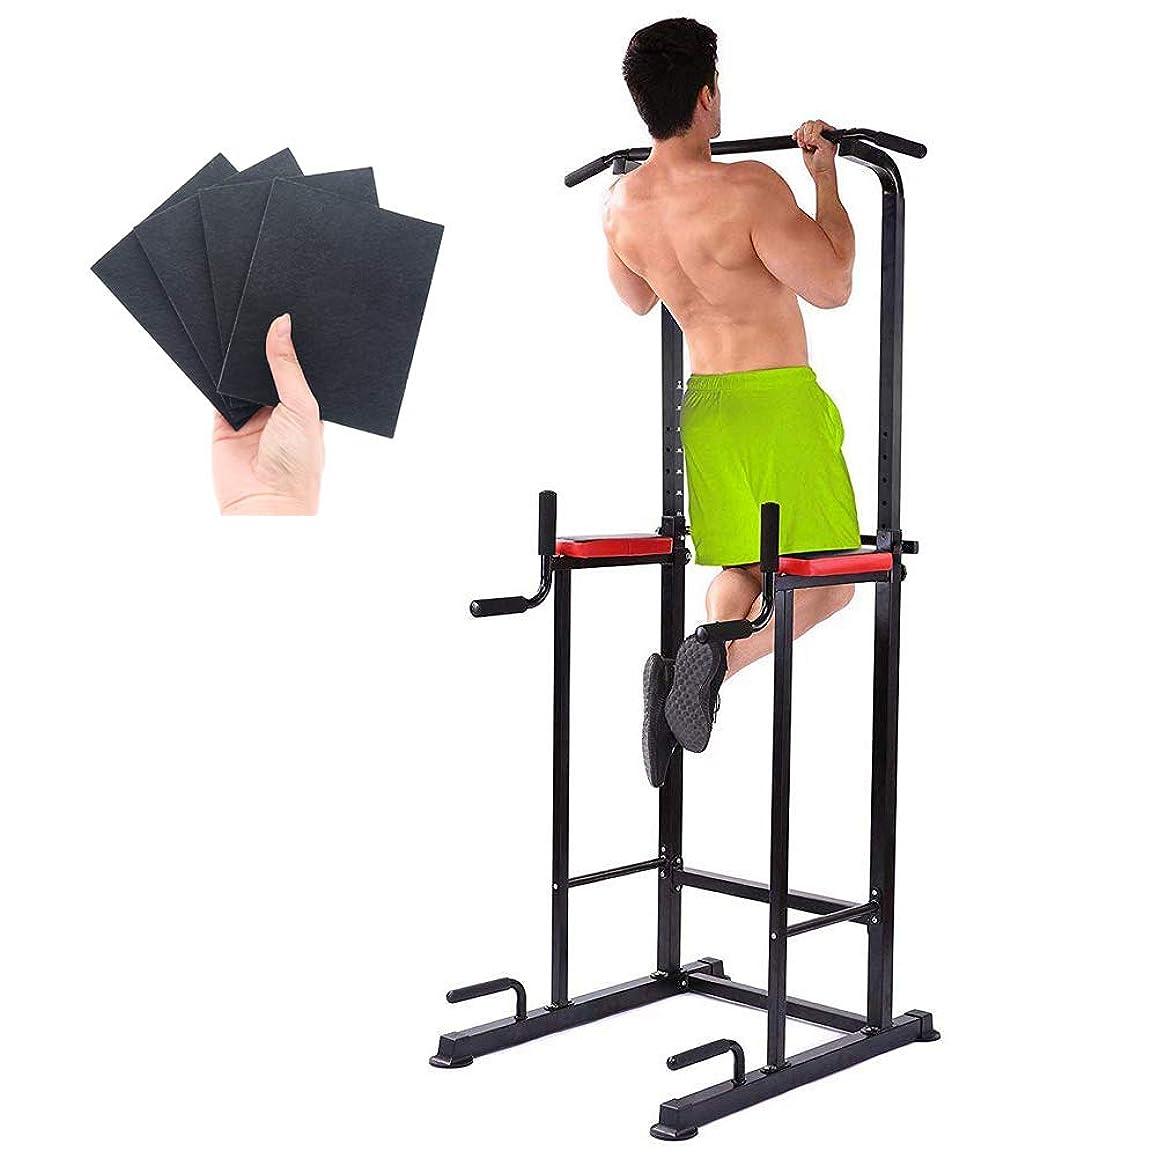 その間十分です編集するTimeSport チンニング 懸垂マシン ぶら下がり健康器 マルチジム2019改良強化版 多機能筋力トレーニング器具 背筋 腹筋 大胸筋 耐荷重150kg [メーカー1年保証]